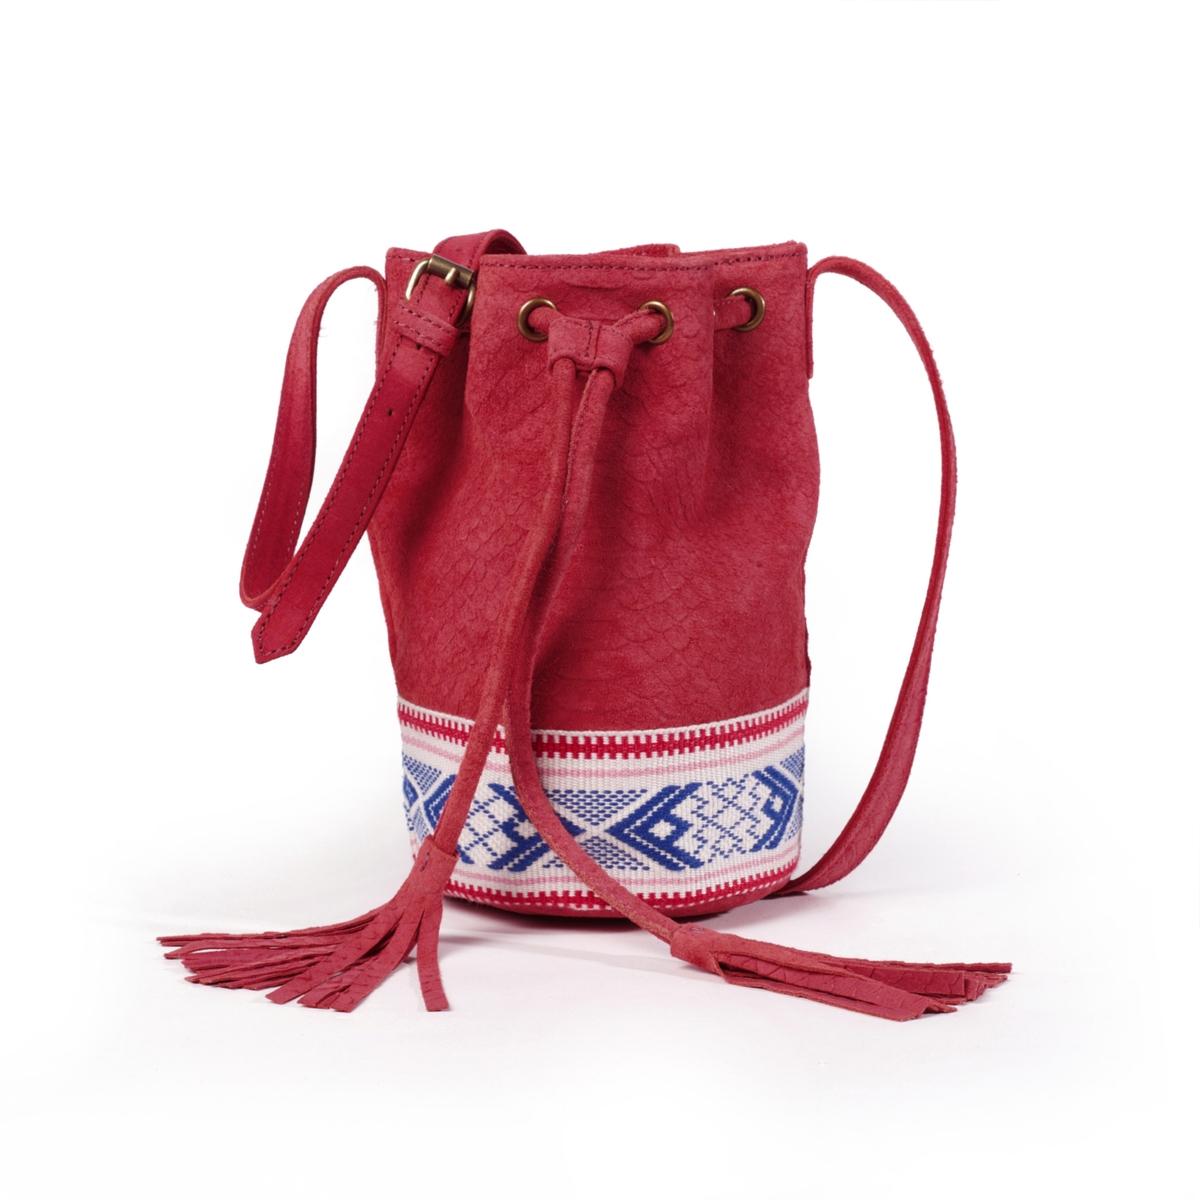 Сумка-мешок из кожи с этническим рисунком sammons sammons мужской заголовок слой кожи плеча мешок человек сумка досуг сумка 190263 01 черный